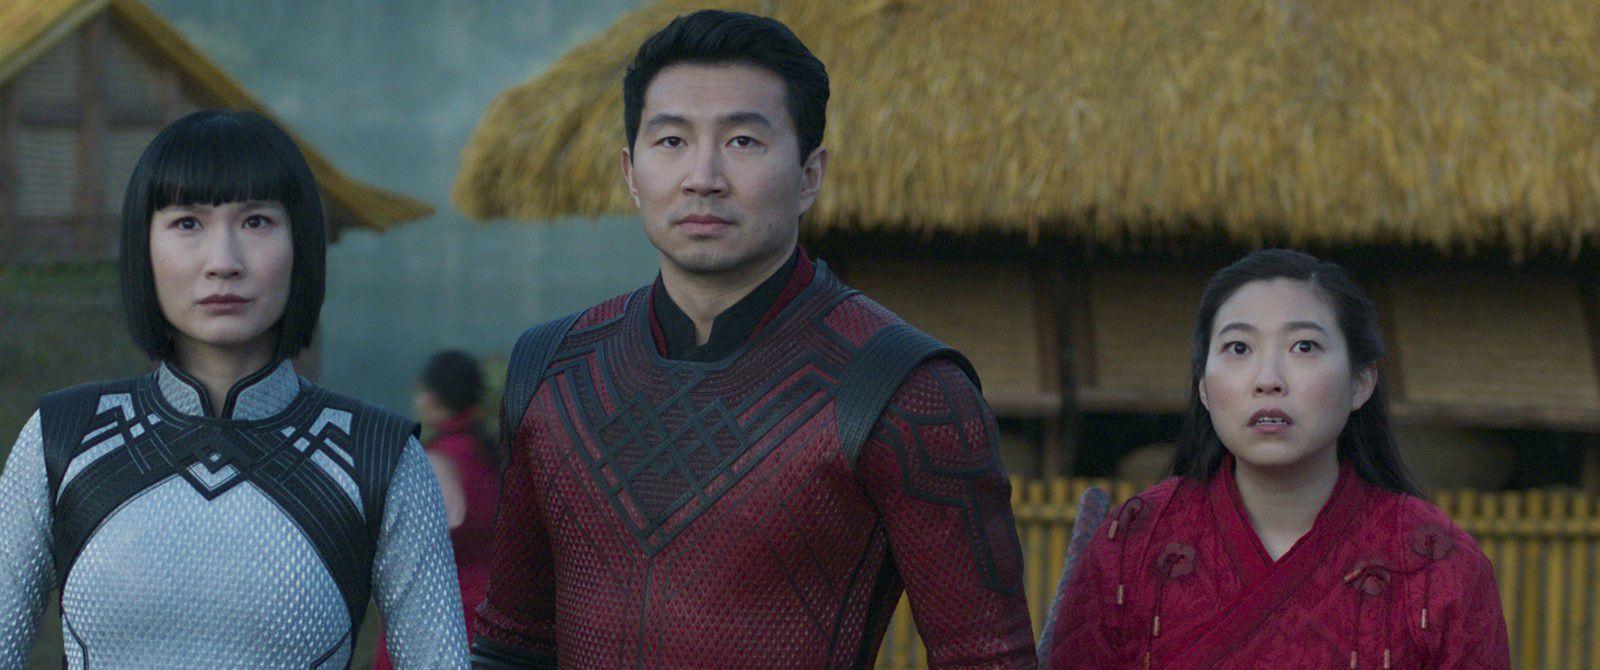 Shang-chi et la légende des dix anneaux